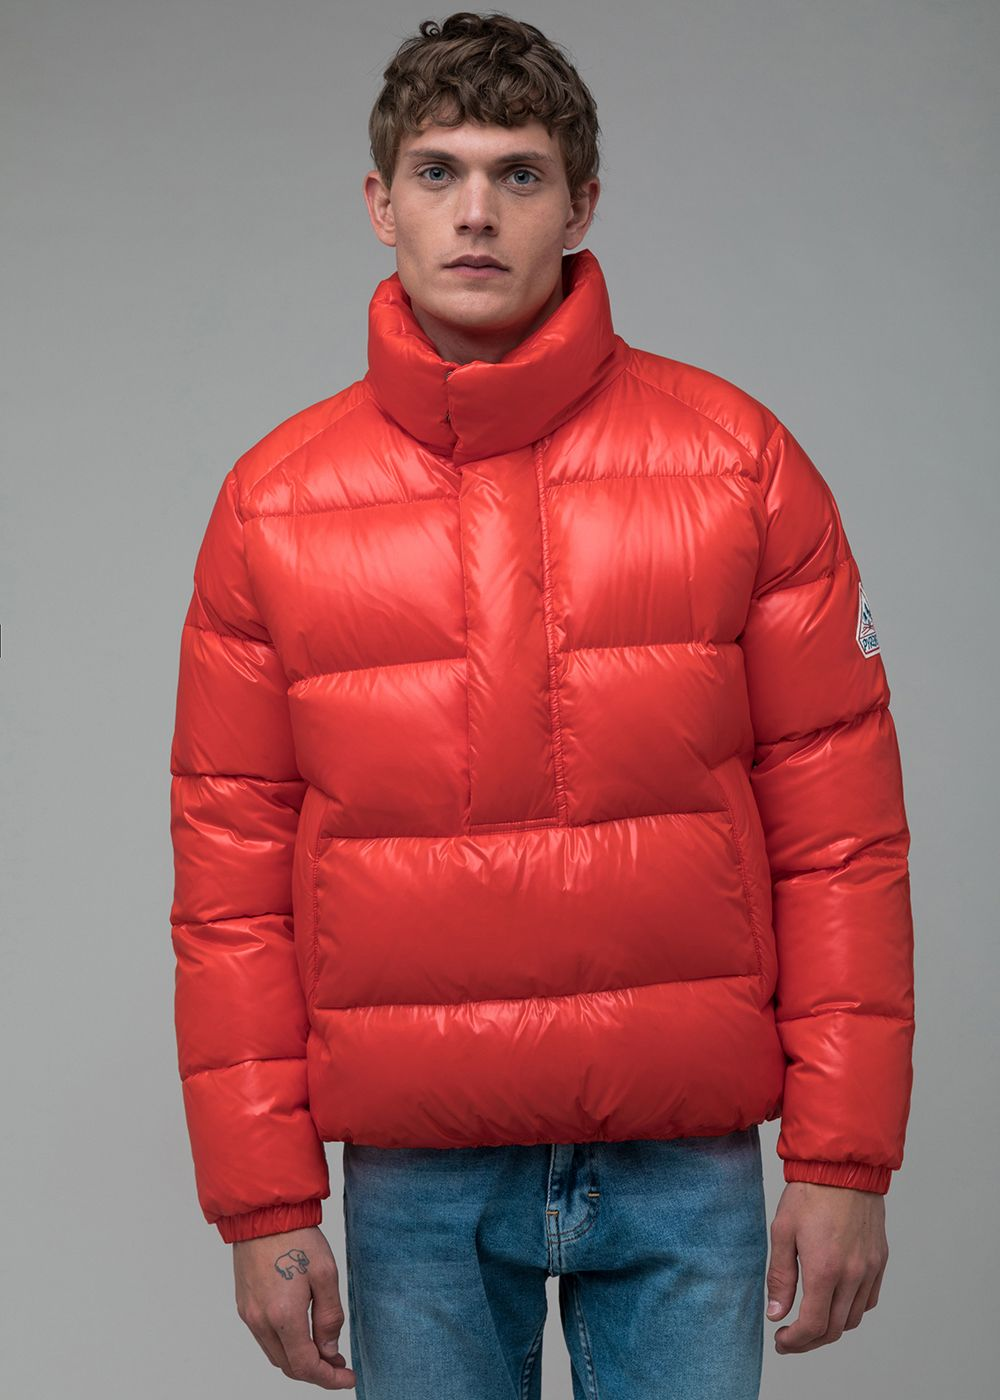 Homme Sport Vêtements D'hiver Rouge Court Doudoune Chauds